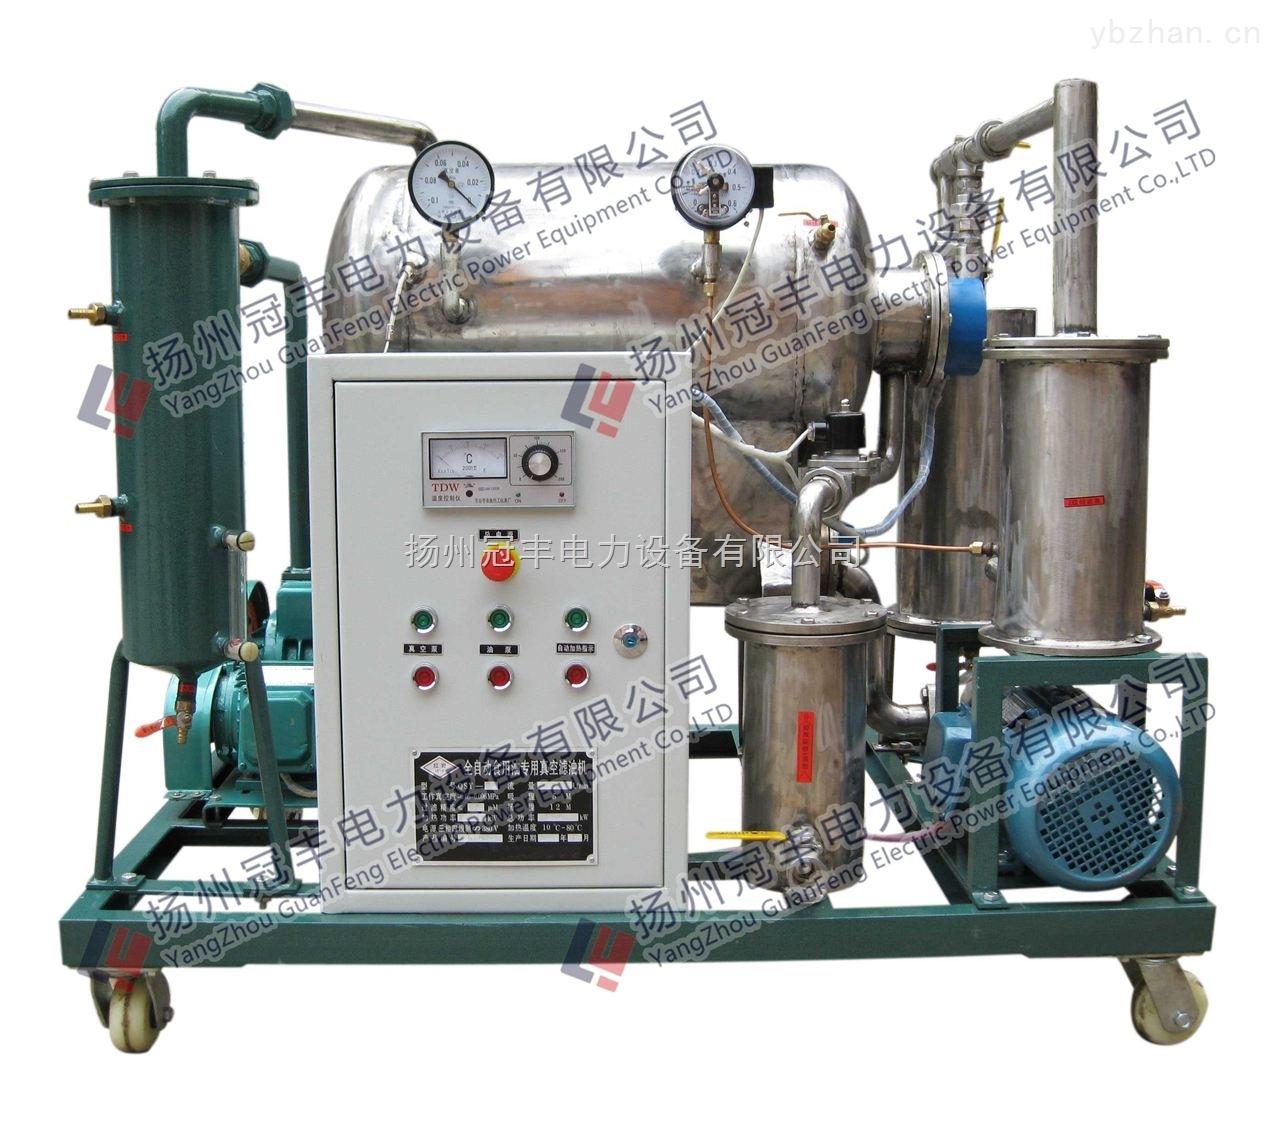 可出租TYA-50系列真空滤油机报价